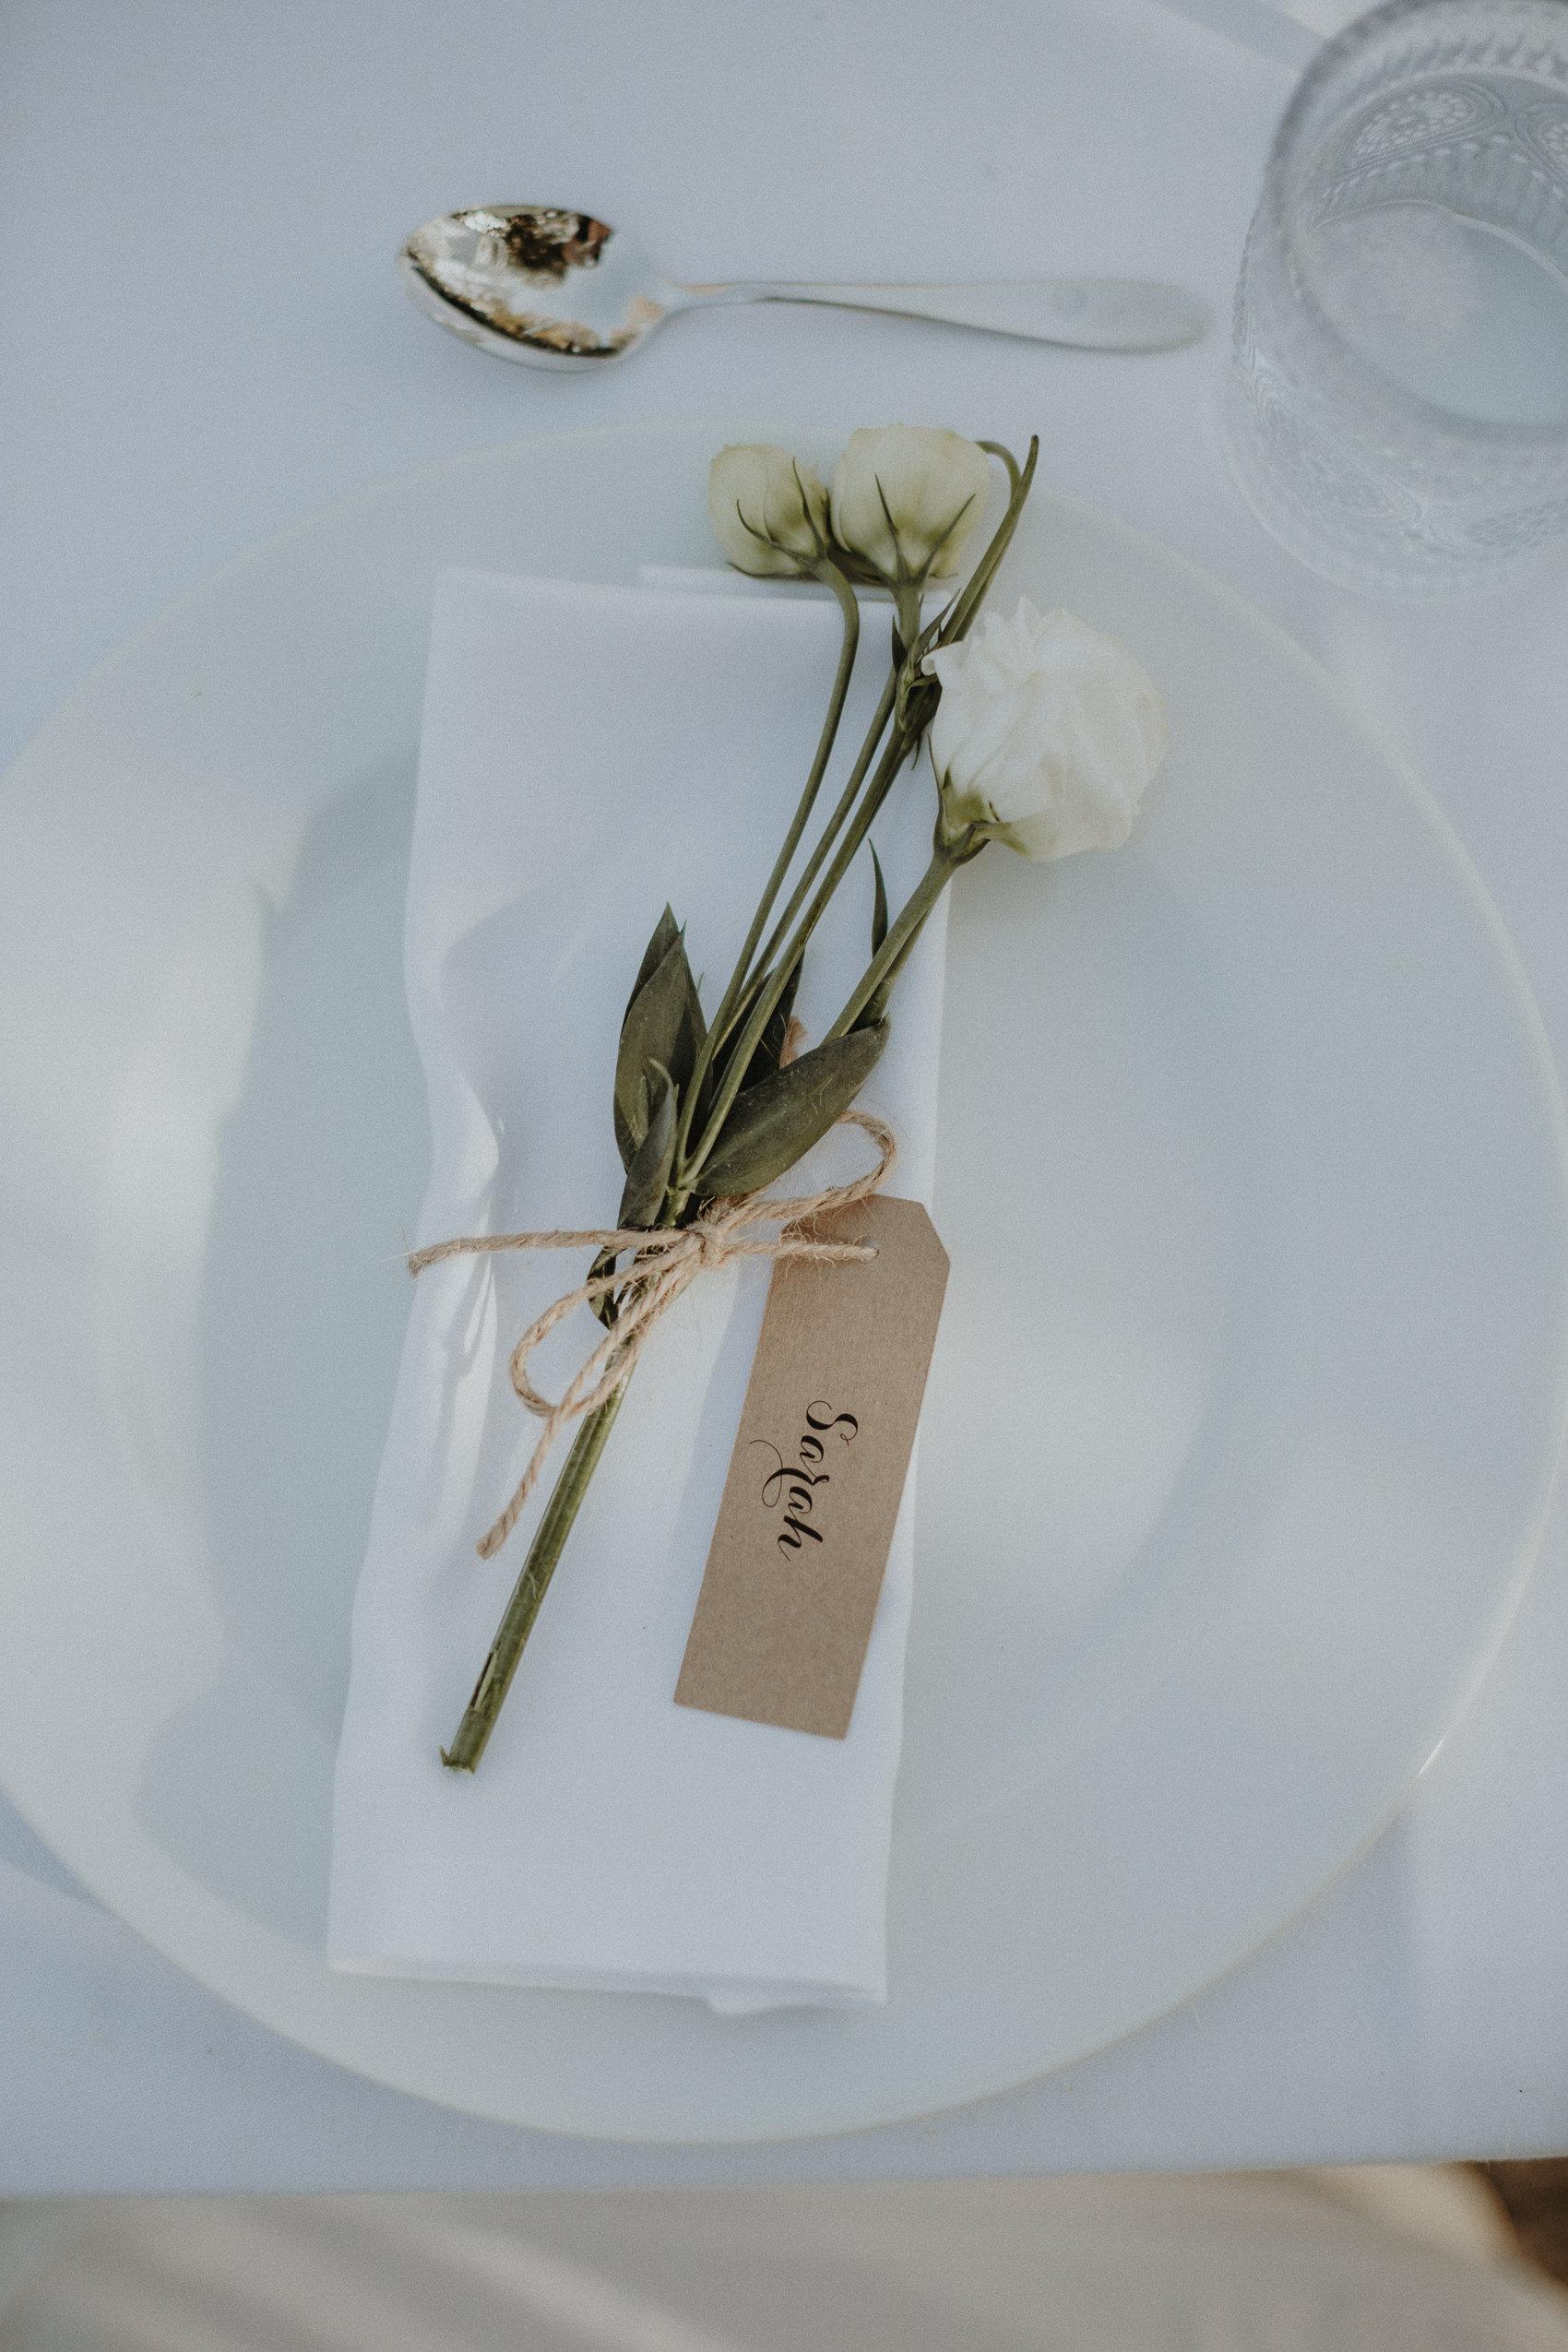 Sarah & Bill | Summer wedding at Cortijo Rosa Blanca | Marbella - Spain 115